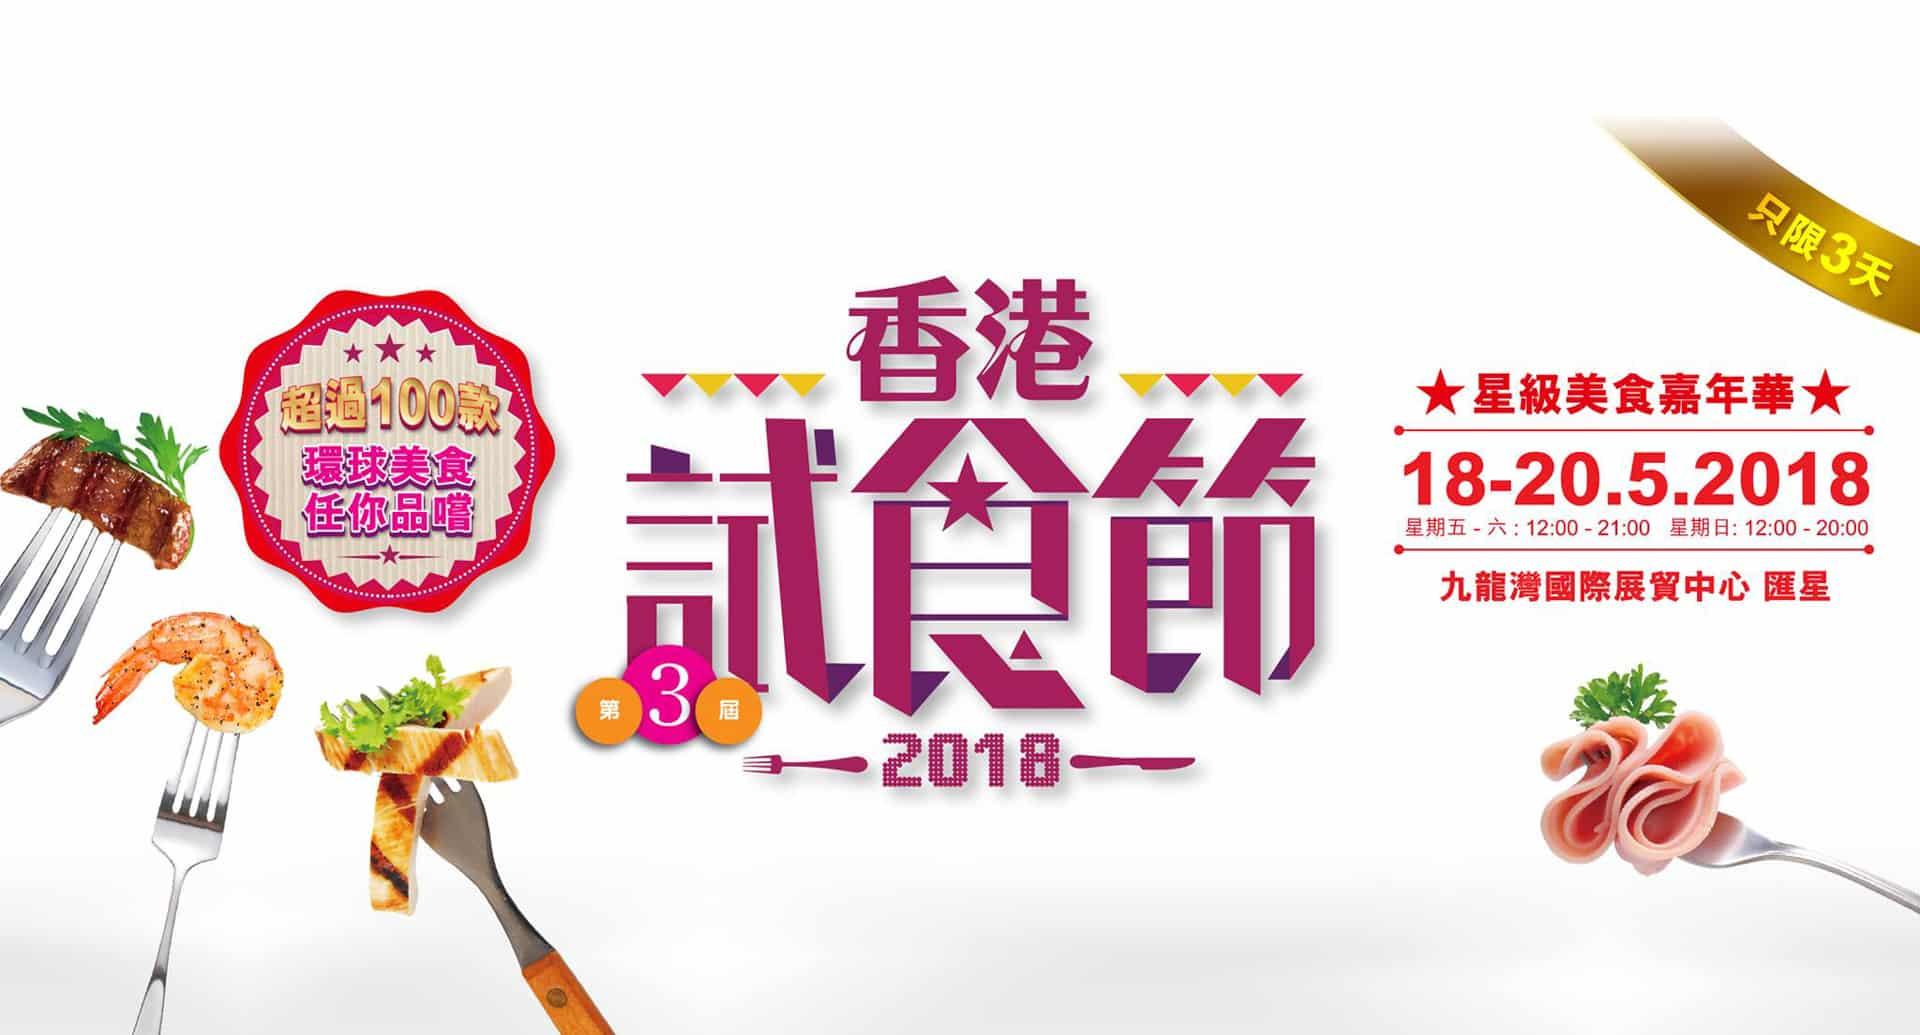 香港試食節2018:讓你試食百款環球美食|九龍灣國際展貿中心5月18-20日舉行|NearSnake.com